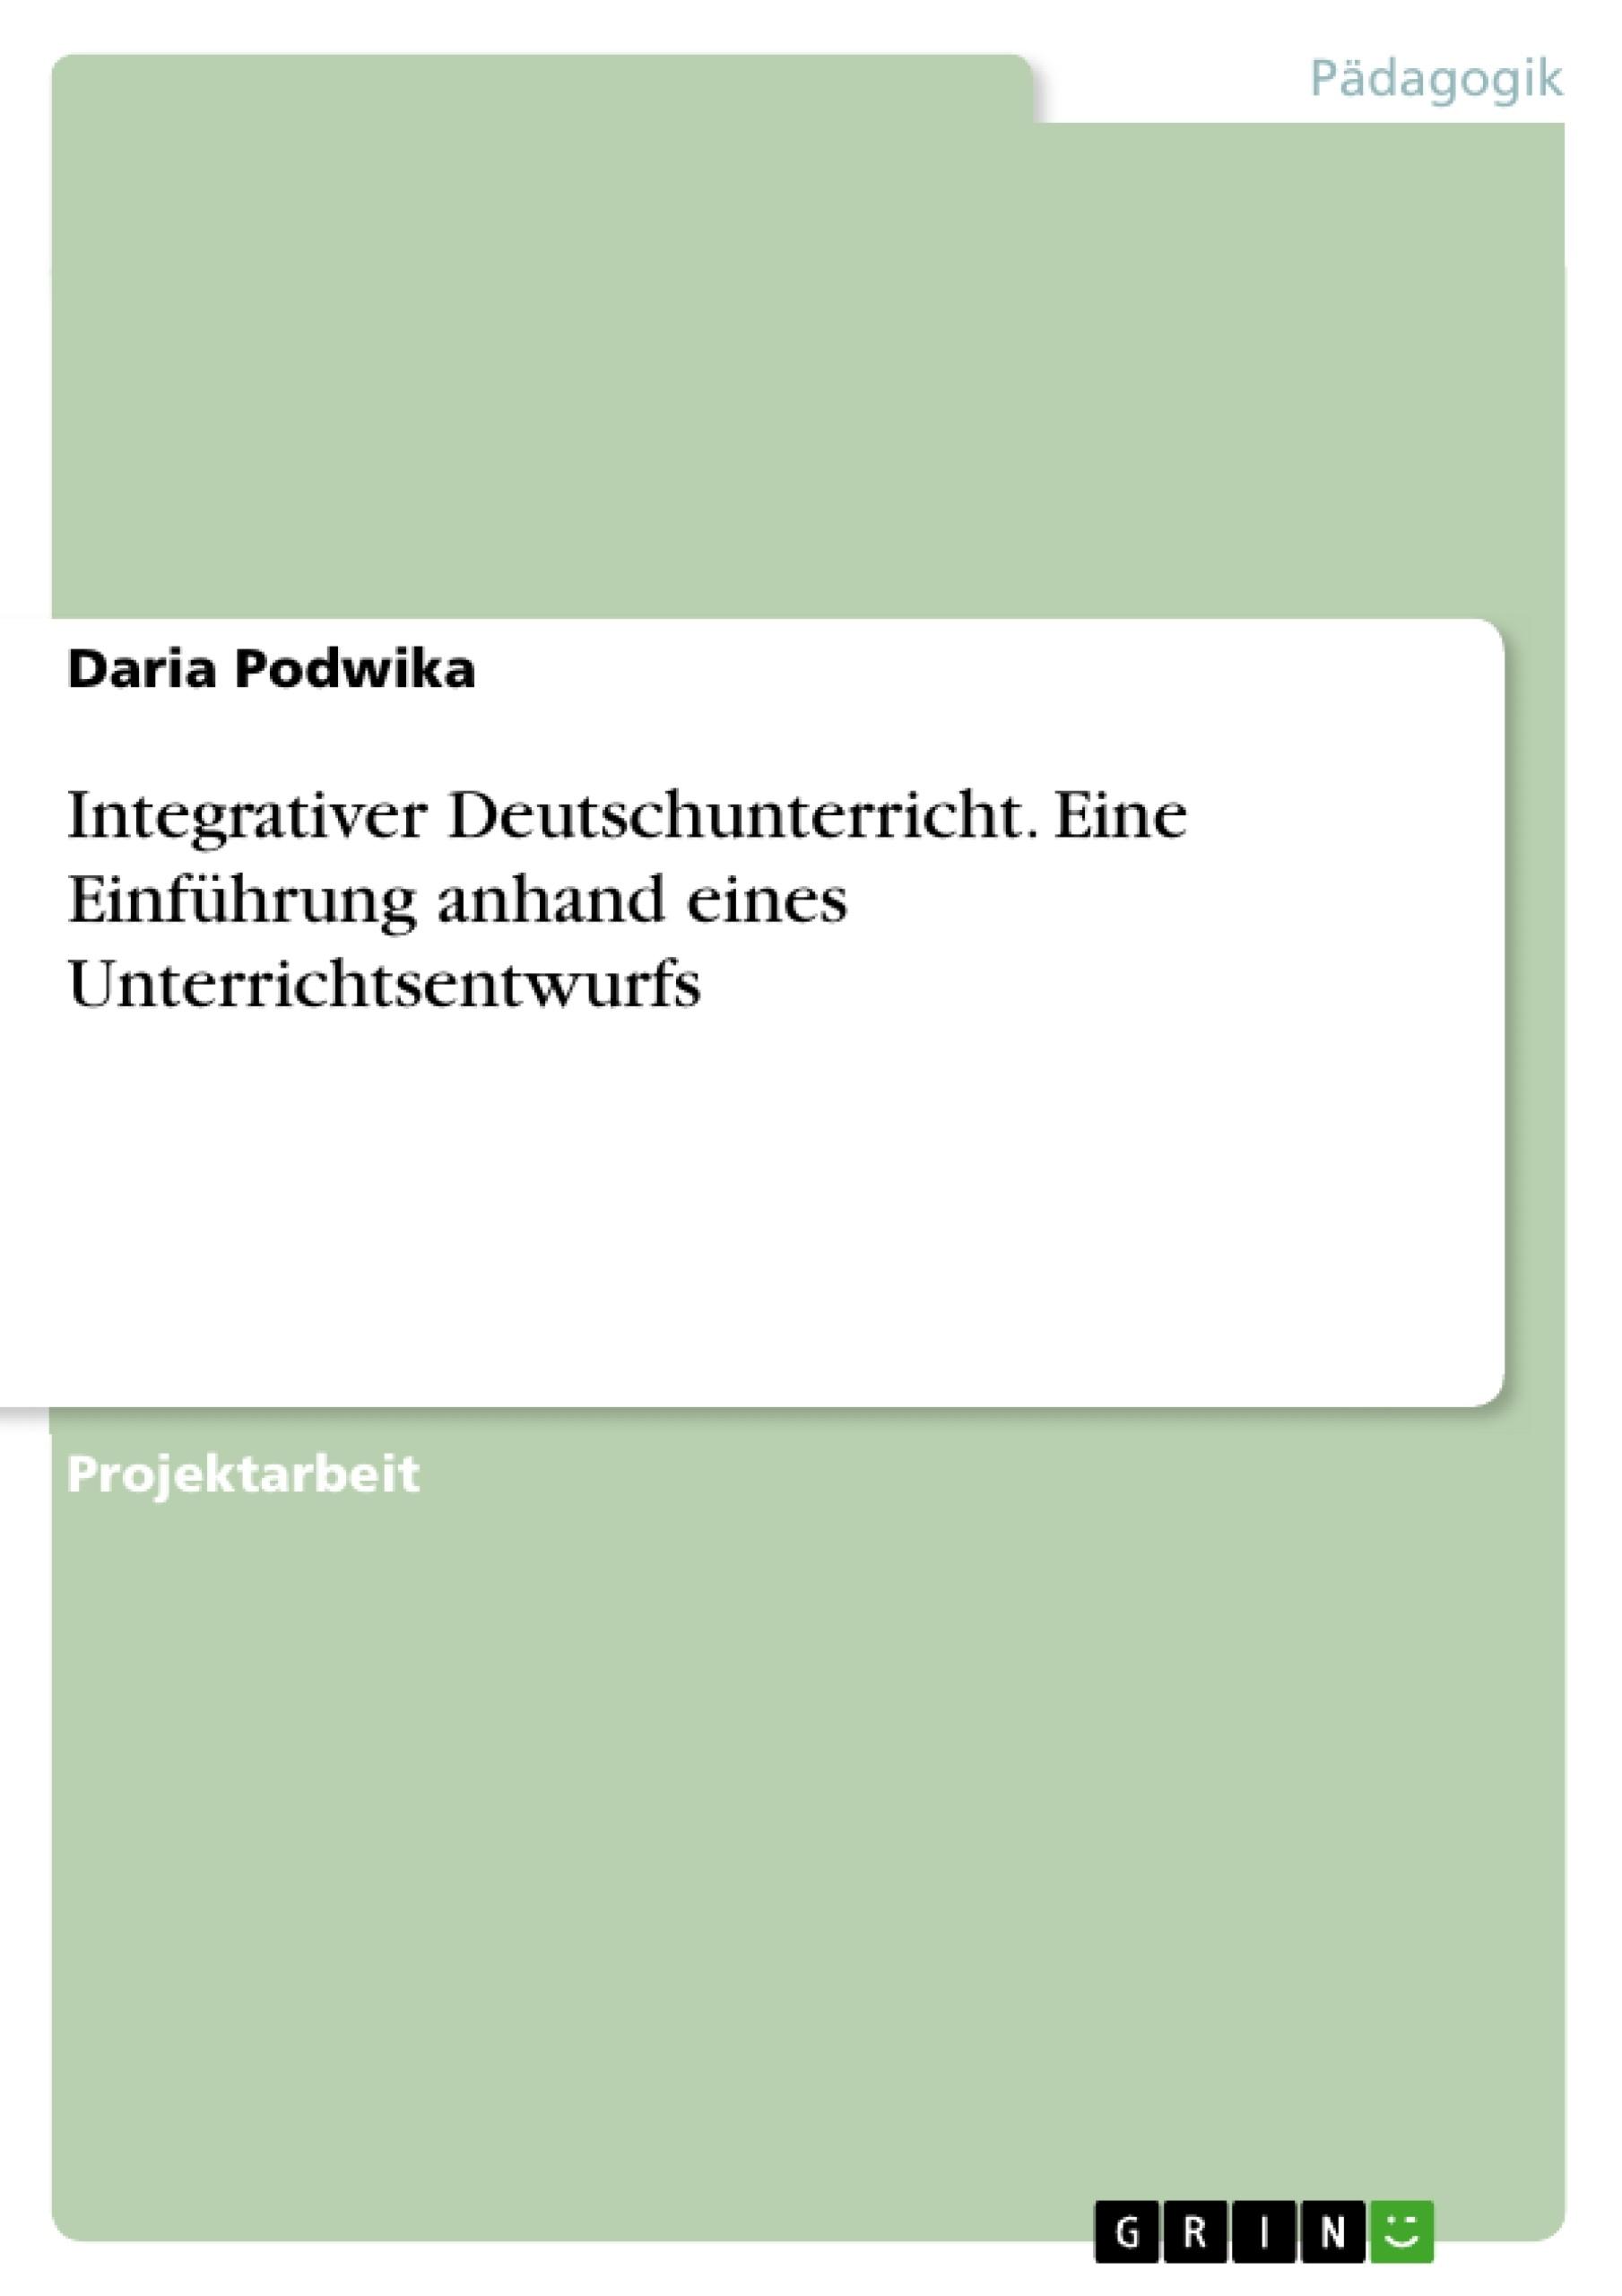 Titel: Integrativer Deutschunterricht. Eine Einführung anhand eines Unterrichtsentwurfs